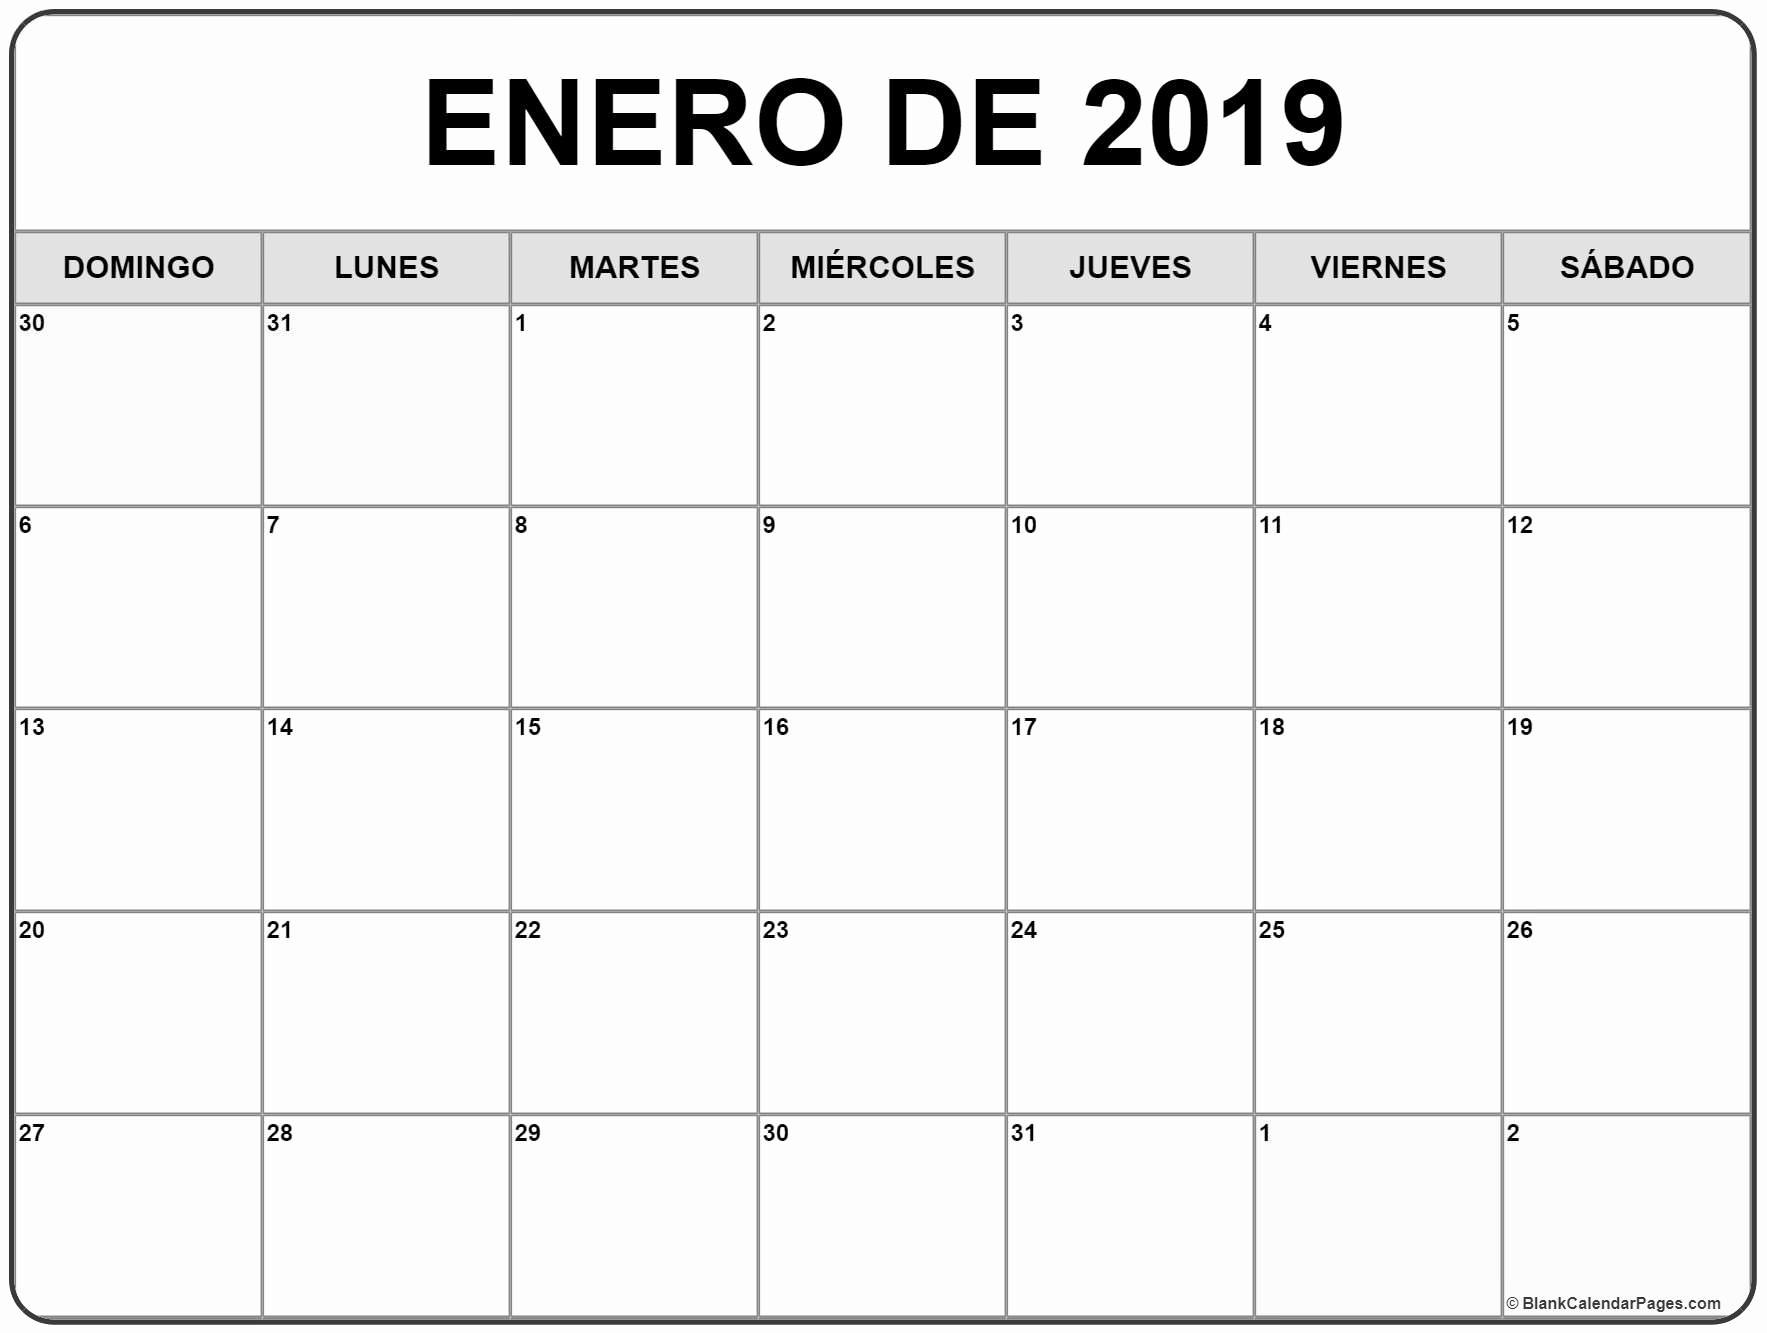 Calendario Agosto 2019 Colombia Para Imprimir Más Recientemente Liberado Calendario Dr 2019 Calendario 2019 Of Calendario Agosto 2019 Colombia Para Imprimir Más Recientes Noticias Calendario Imprimir Agosto Y Septiembre 2019